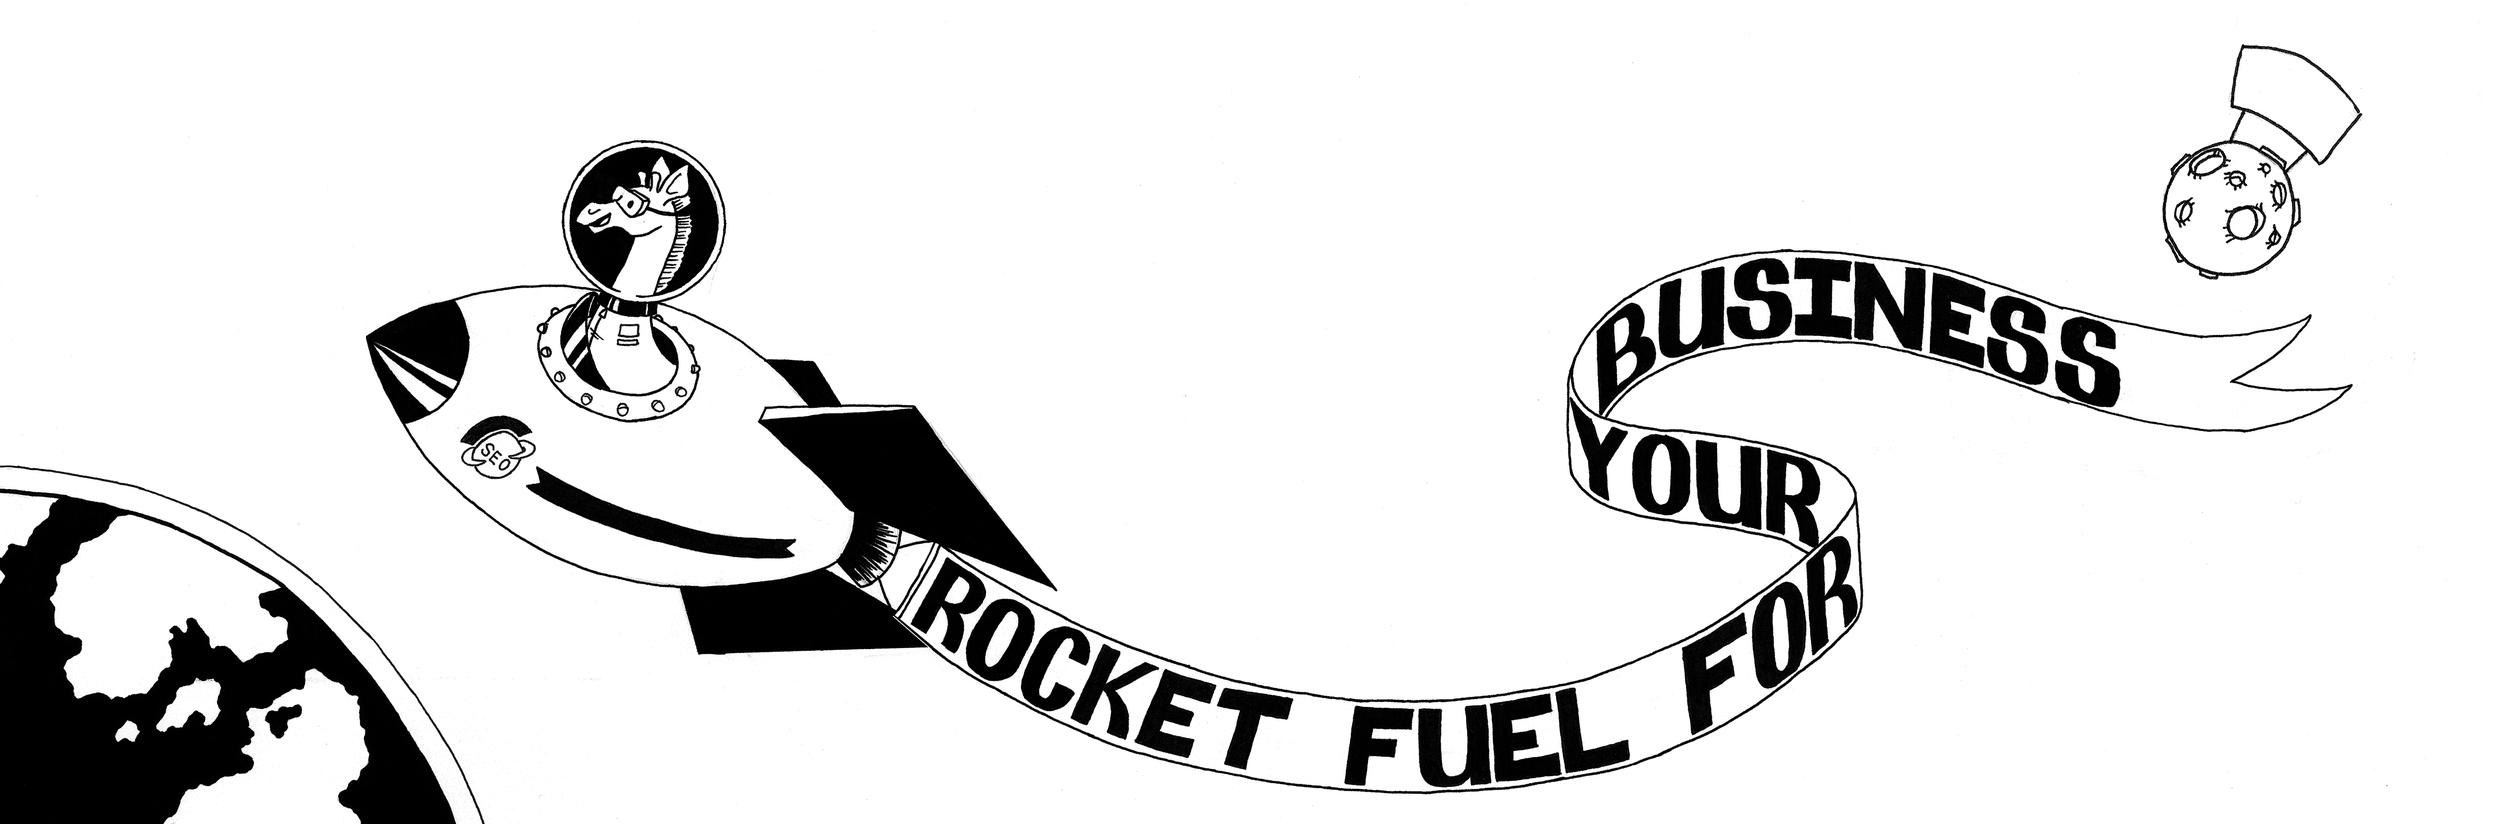 Rocket Fuel 200.jpg